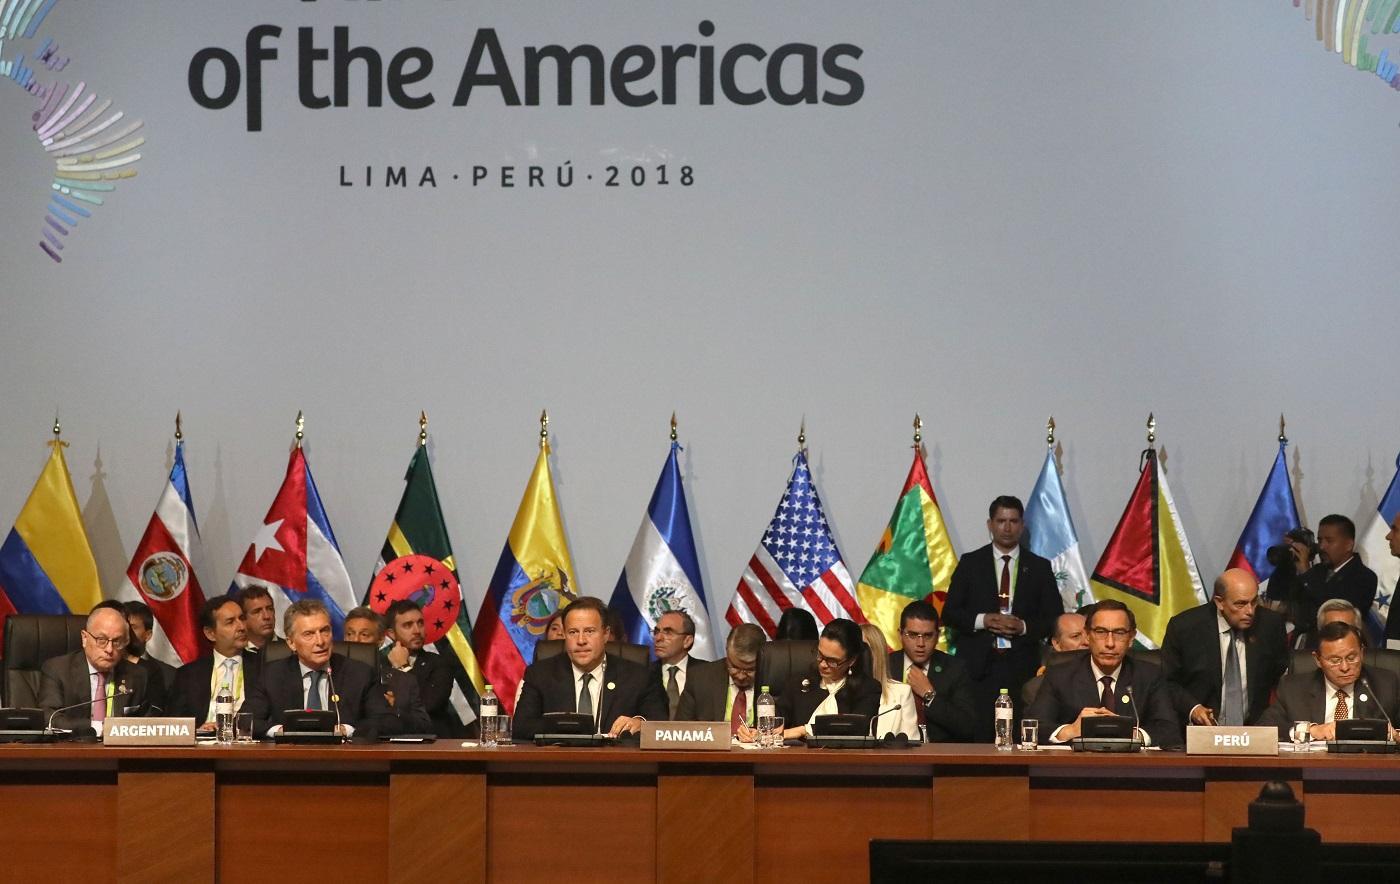 La corrupción ocupa el pronunciamiento de líderes de las Américas